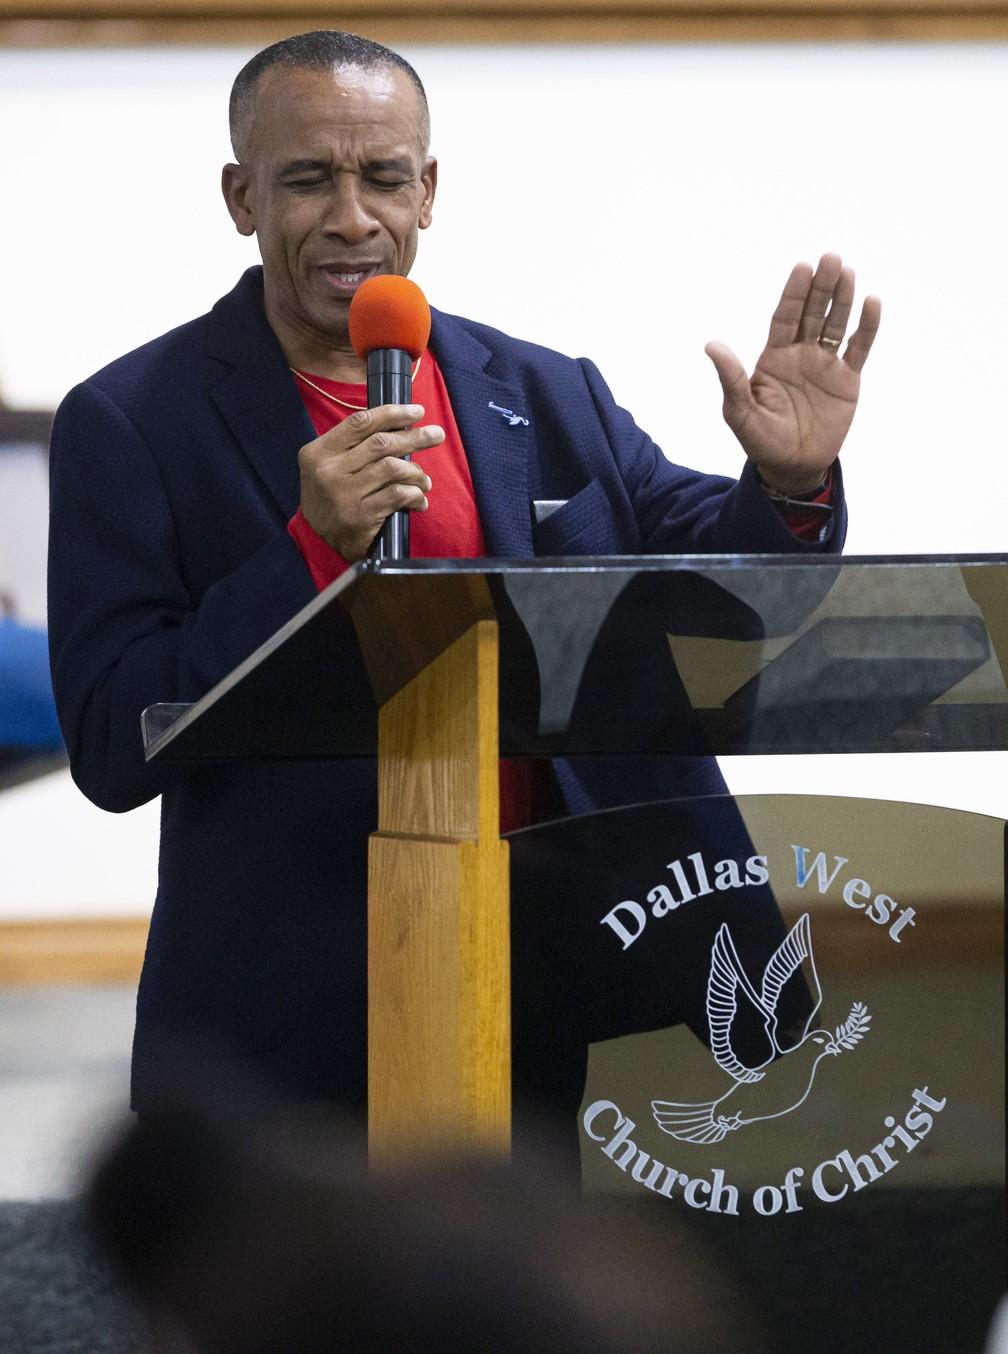 O pai de Botham Jean, Bertrum, fala sobre a necessidade de perdão durante serviço religioso em homenagem à família na quarta-feira (2), em Dallas. — Foto: Brandon Wade/AP